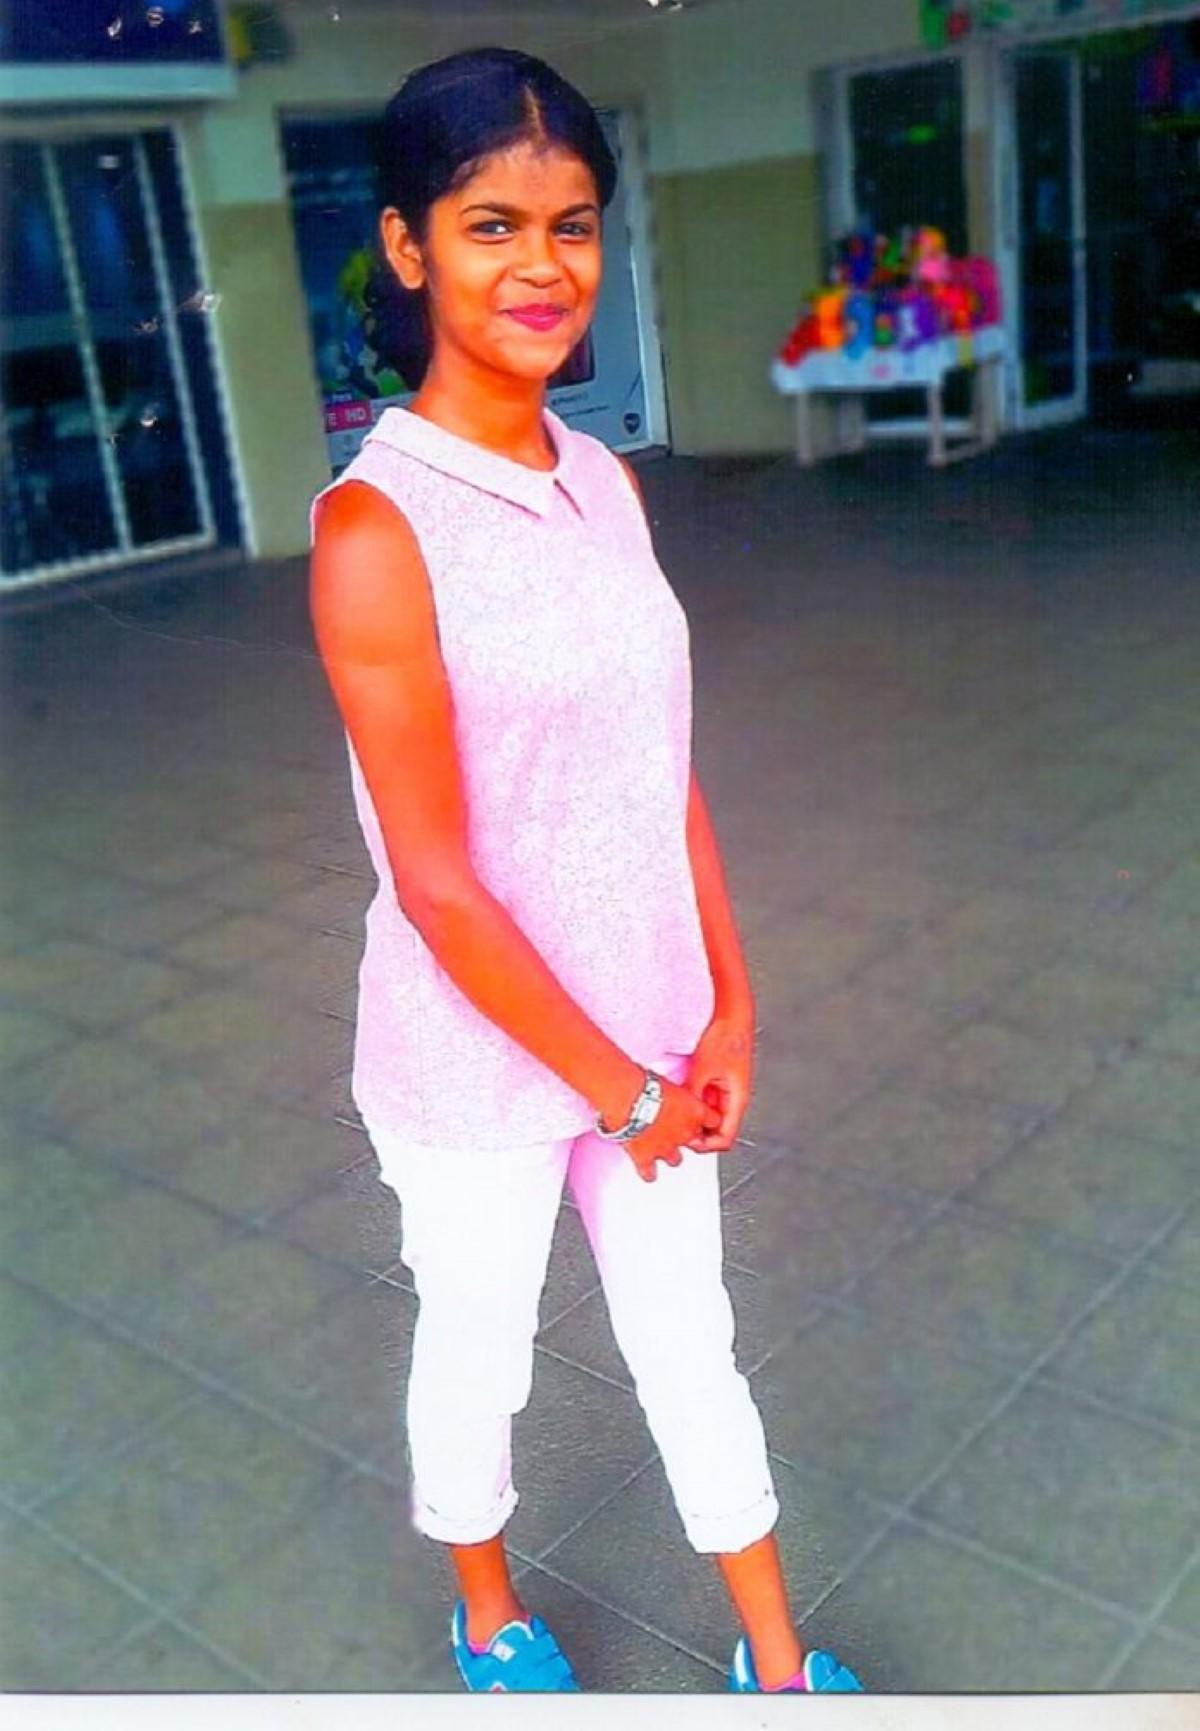 Disparition inquiétante de Sonia Ramanah âgée de 16 ans